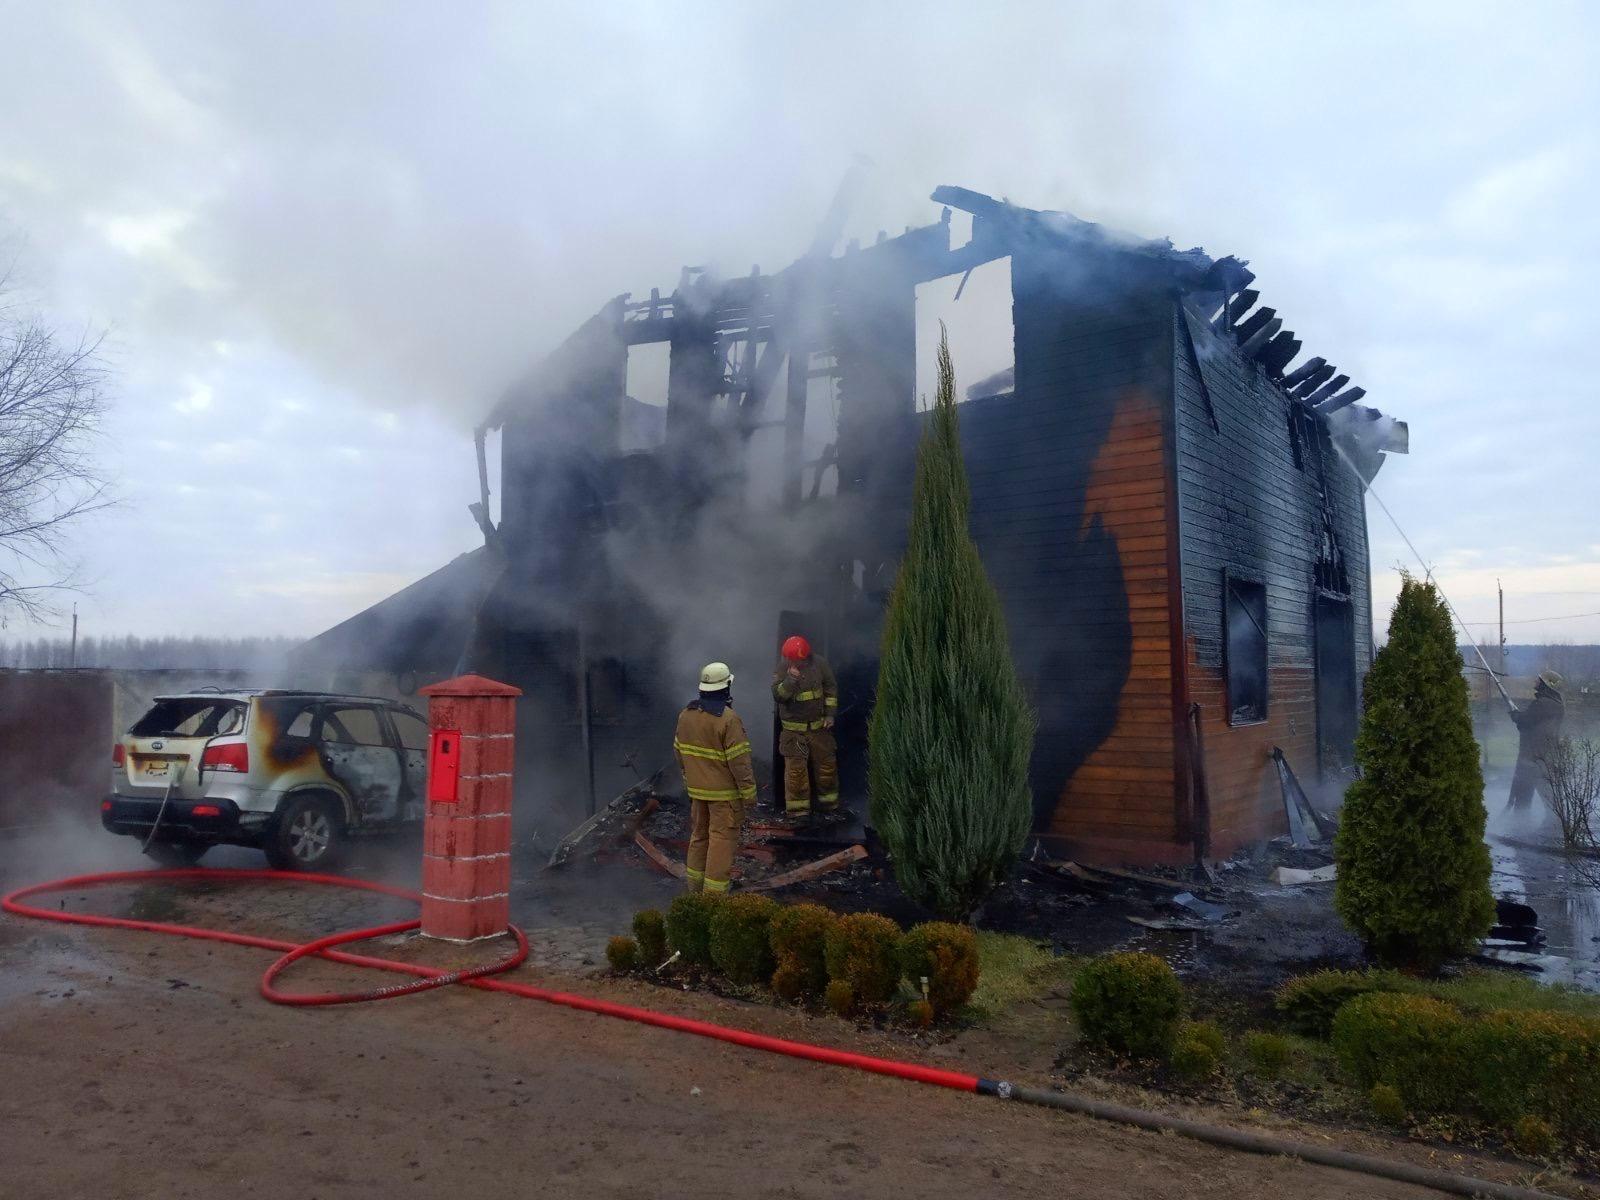 Під Києвом вщент згорів двоповерховий дерев'яний будинок та іномарка - пожежа, озера, Бородянка - 01